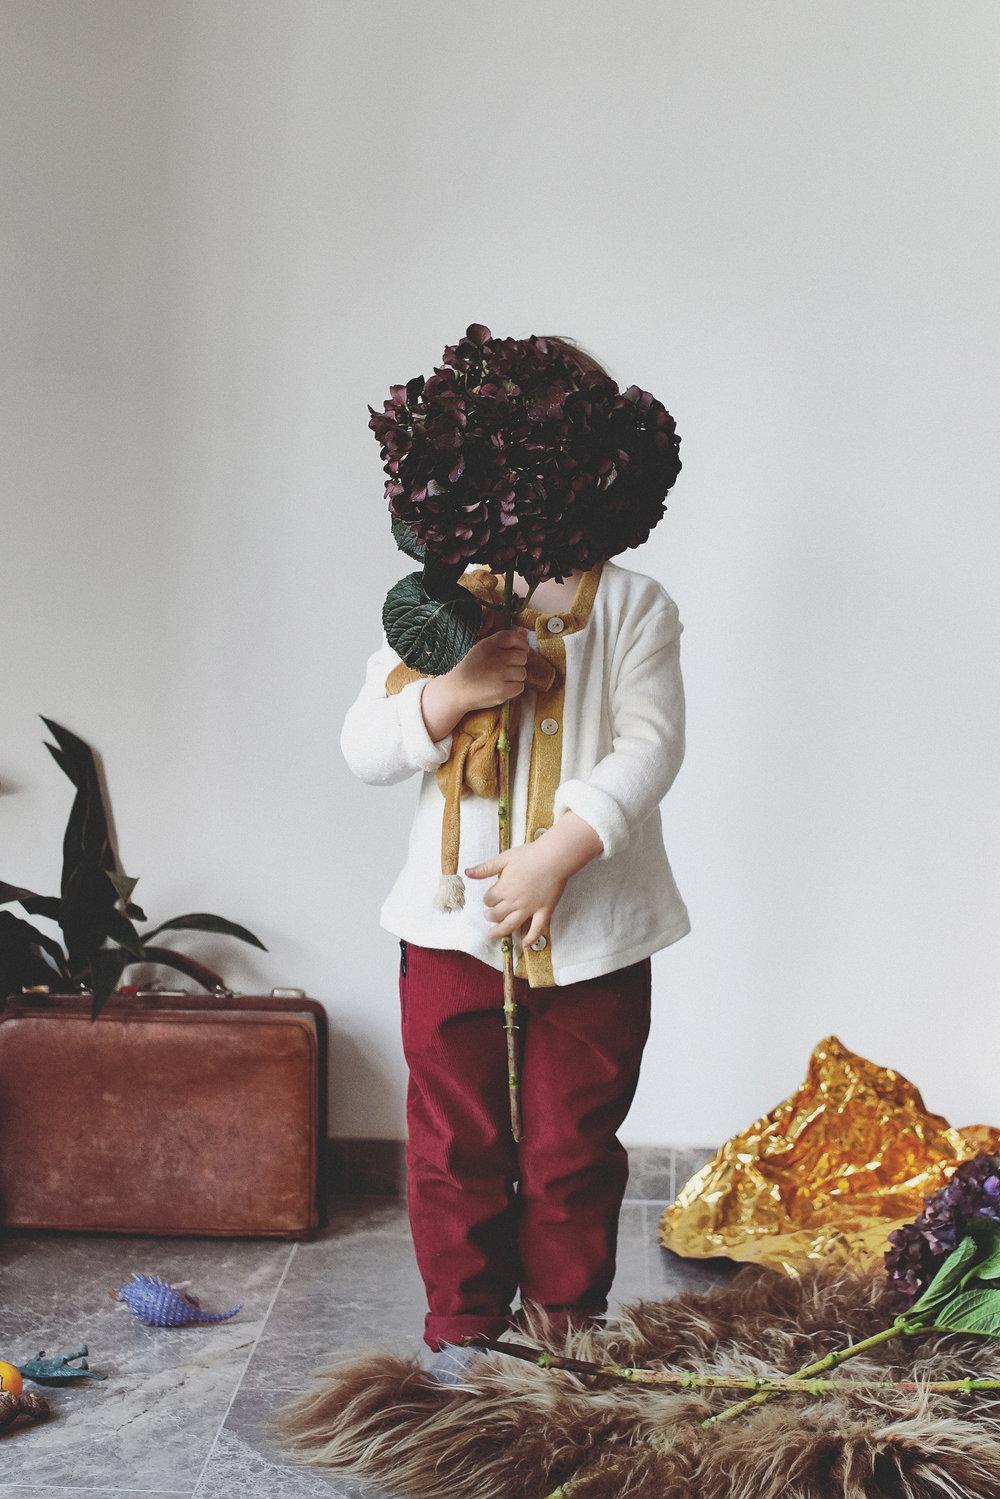 À la découverte des fleurs ! Les manipuler et les assembler pour réaliser son propre bouquet ou guirlande pour sa chambre tout en racontant des histoires. Tarif : 59€